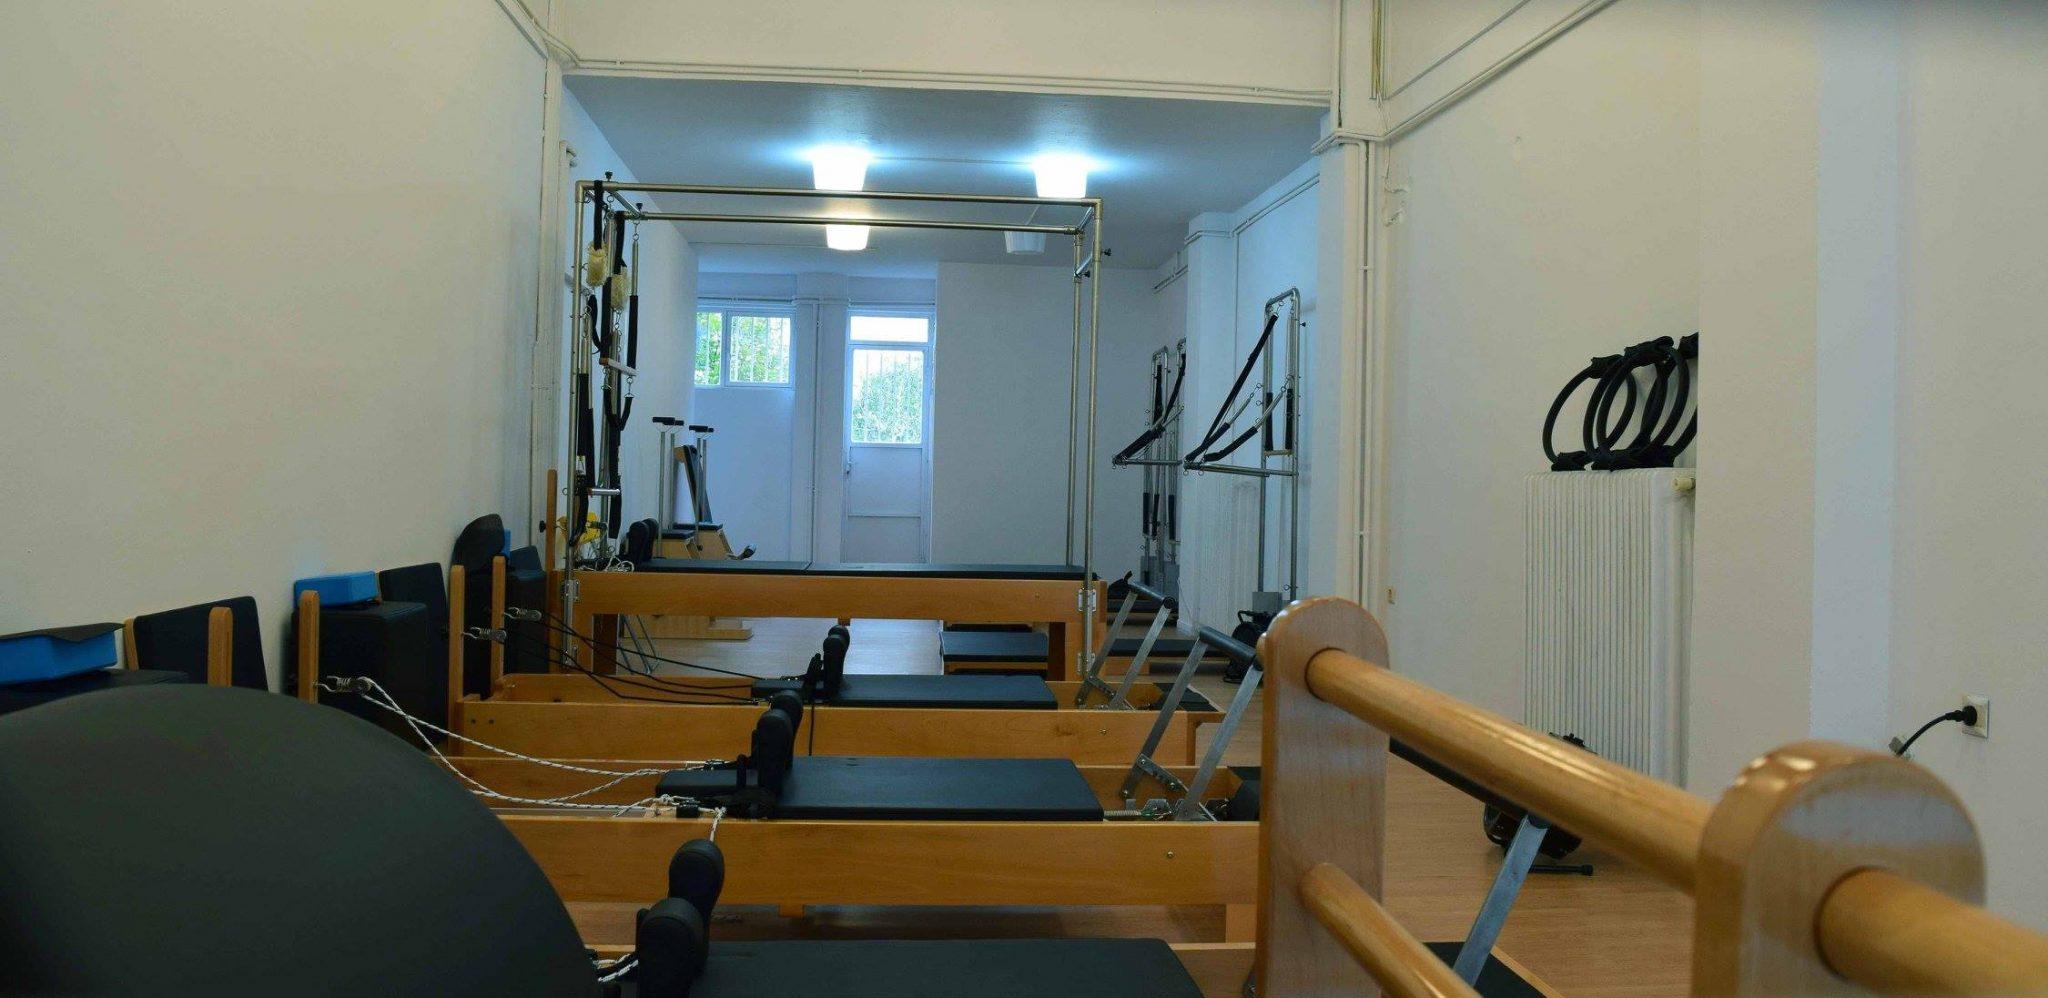 Pilates Studio by Stadio 1